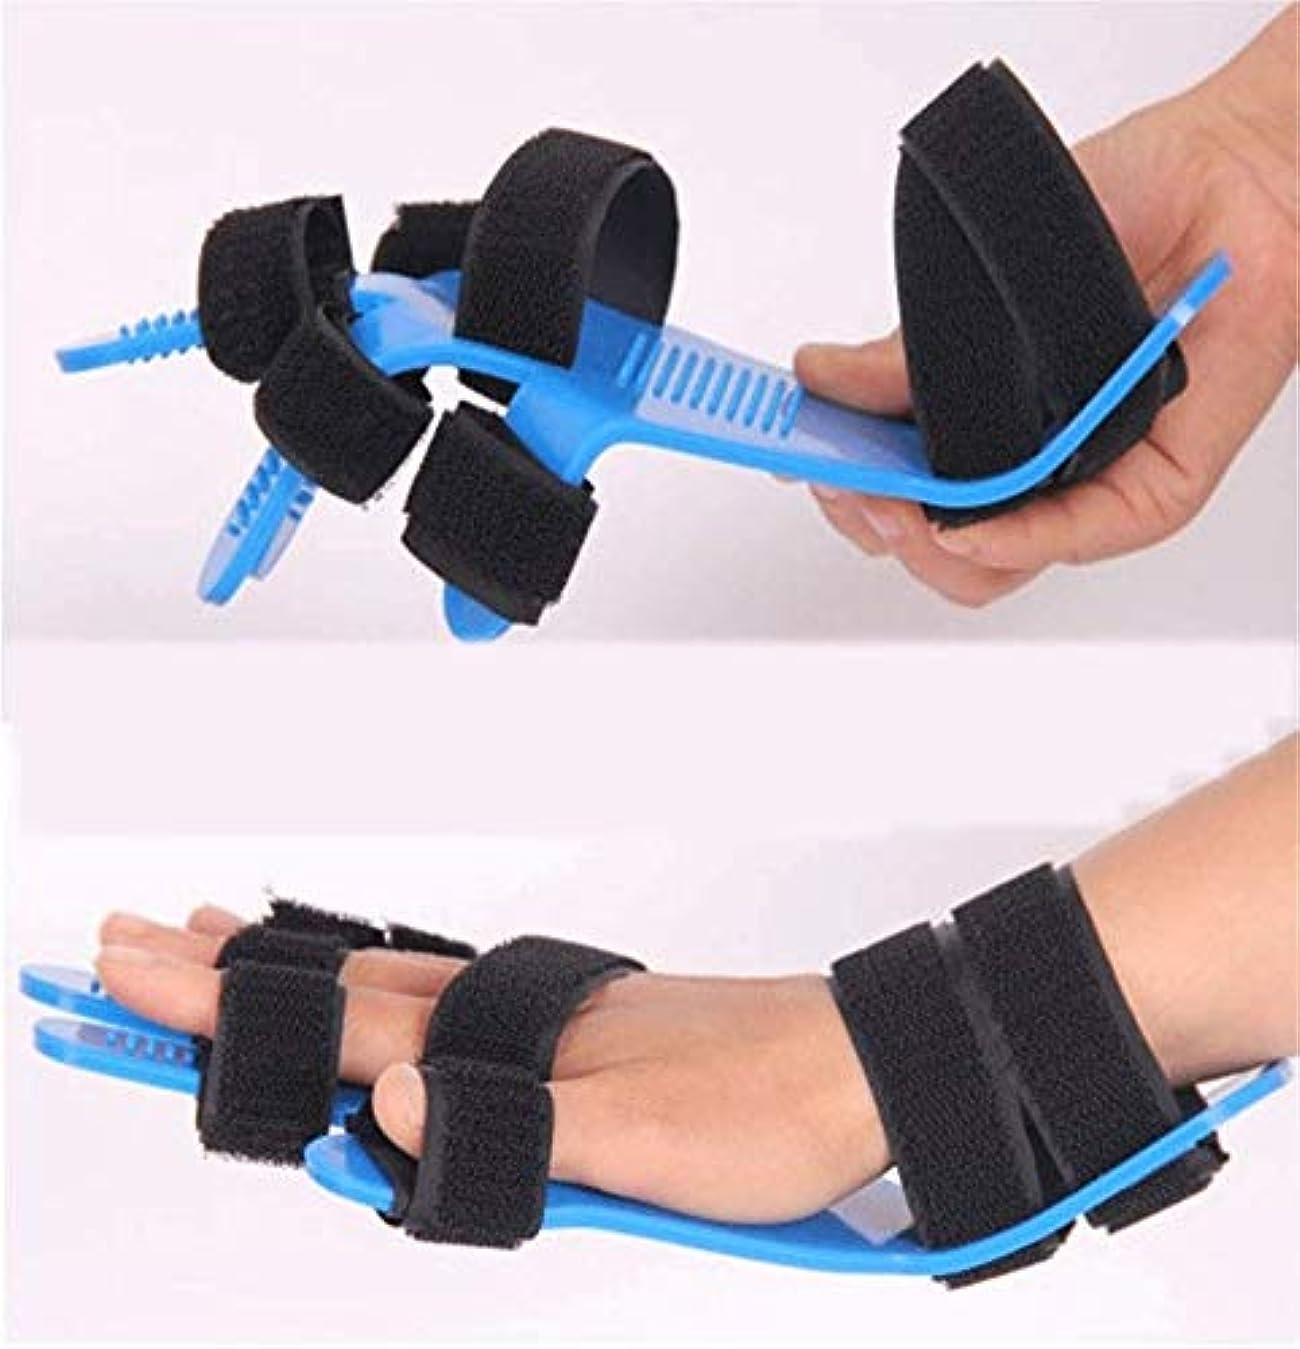 怒るホーンディスカウントセパレータインソールフィンガー拡張スプリントばね指スプリント、指の骨折、傷、術後ケアと痛み-ReliefBoth左右の手指